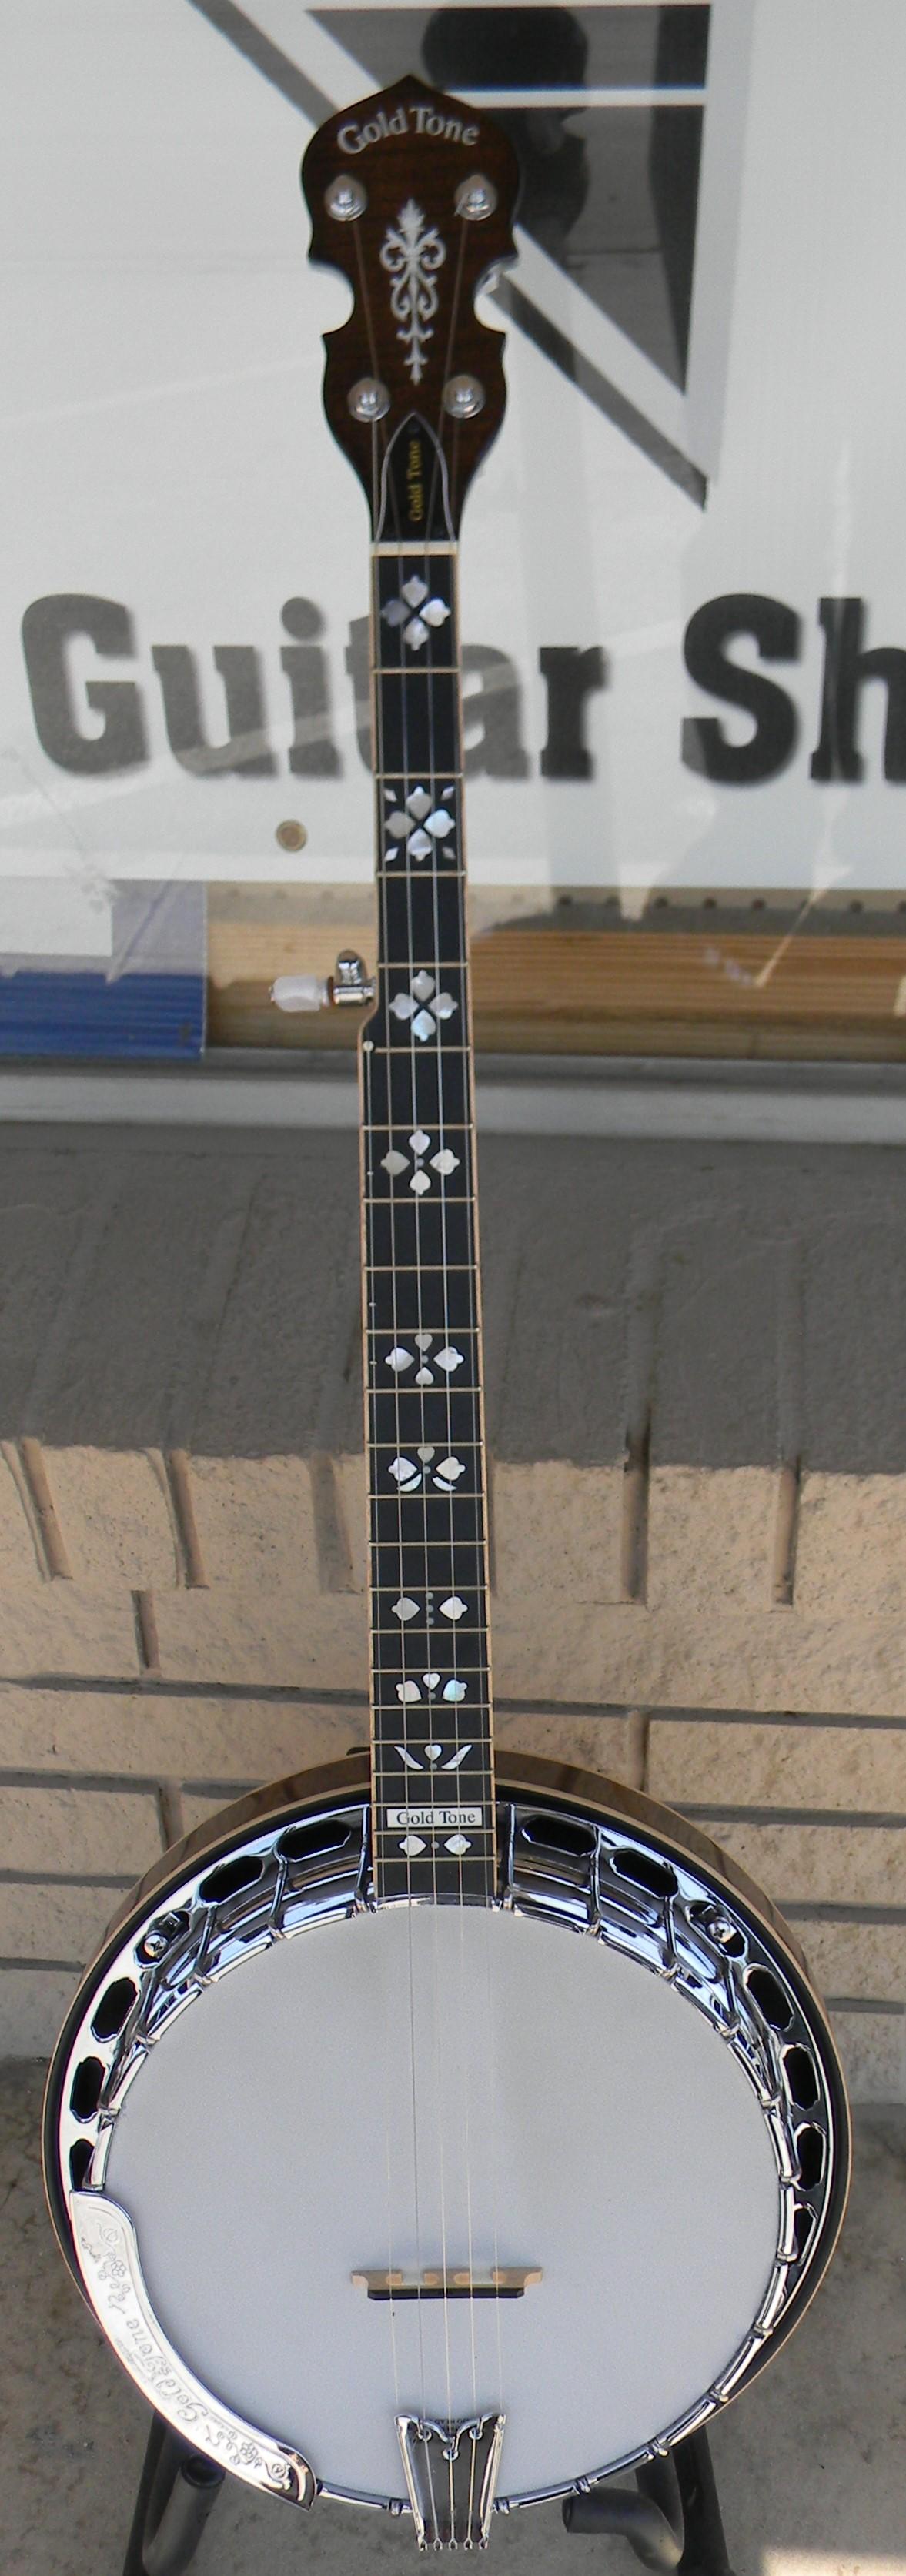 Gold Tone BG 250LW. 4 lbs lighter than the standard Bluegrass model. $1,099.00 w/case